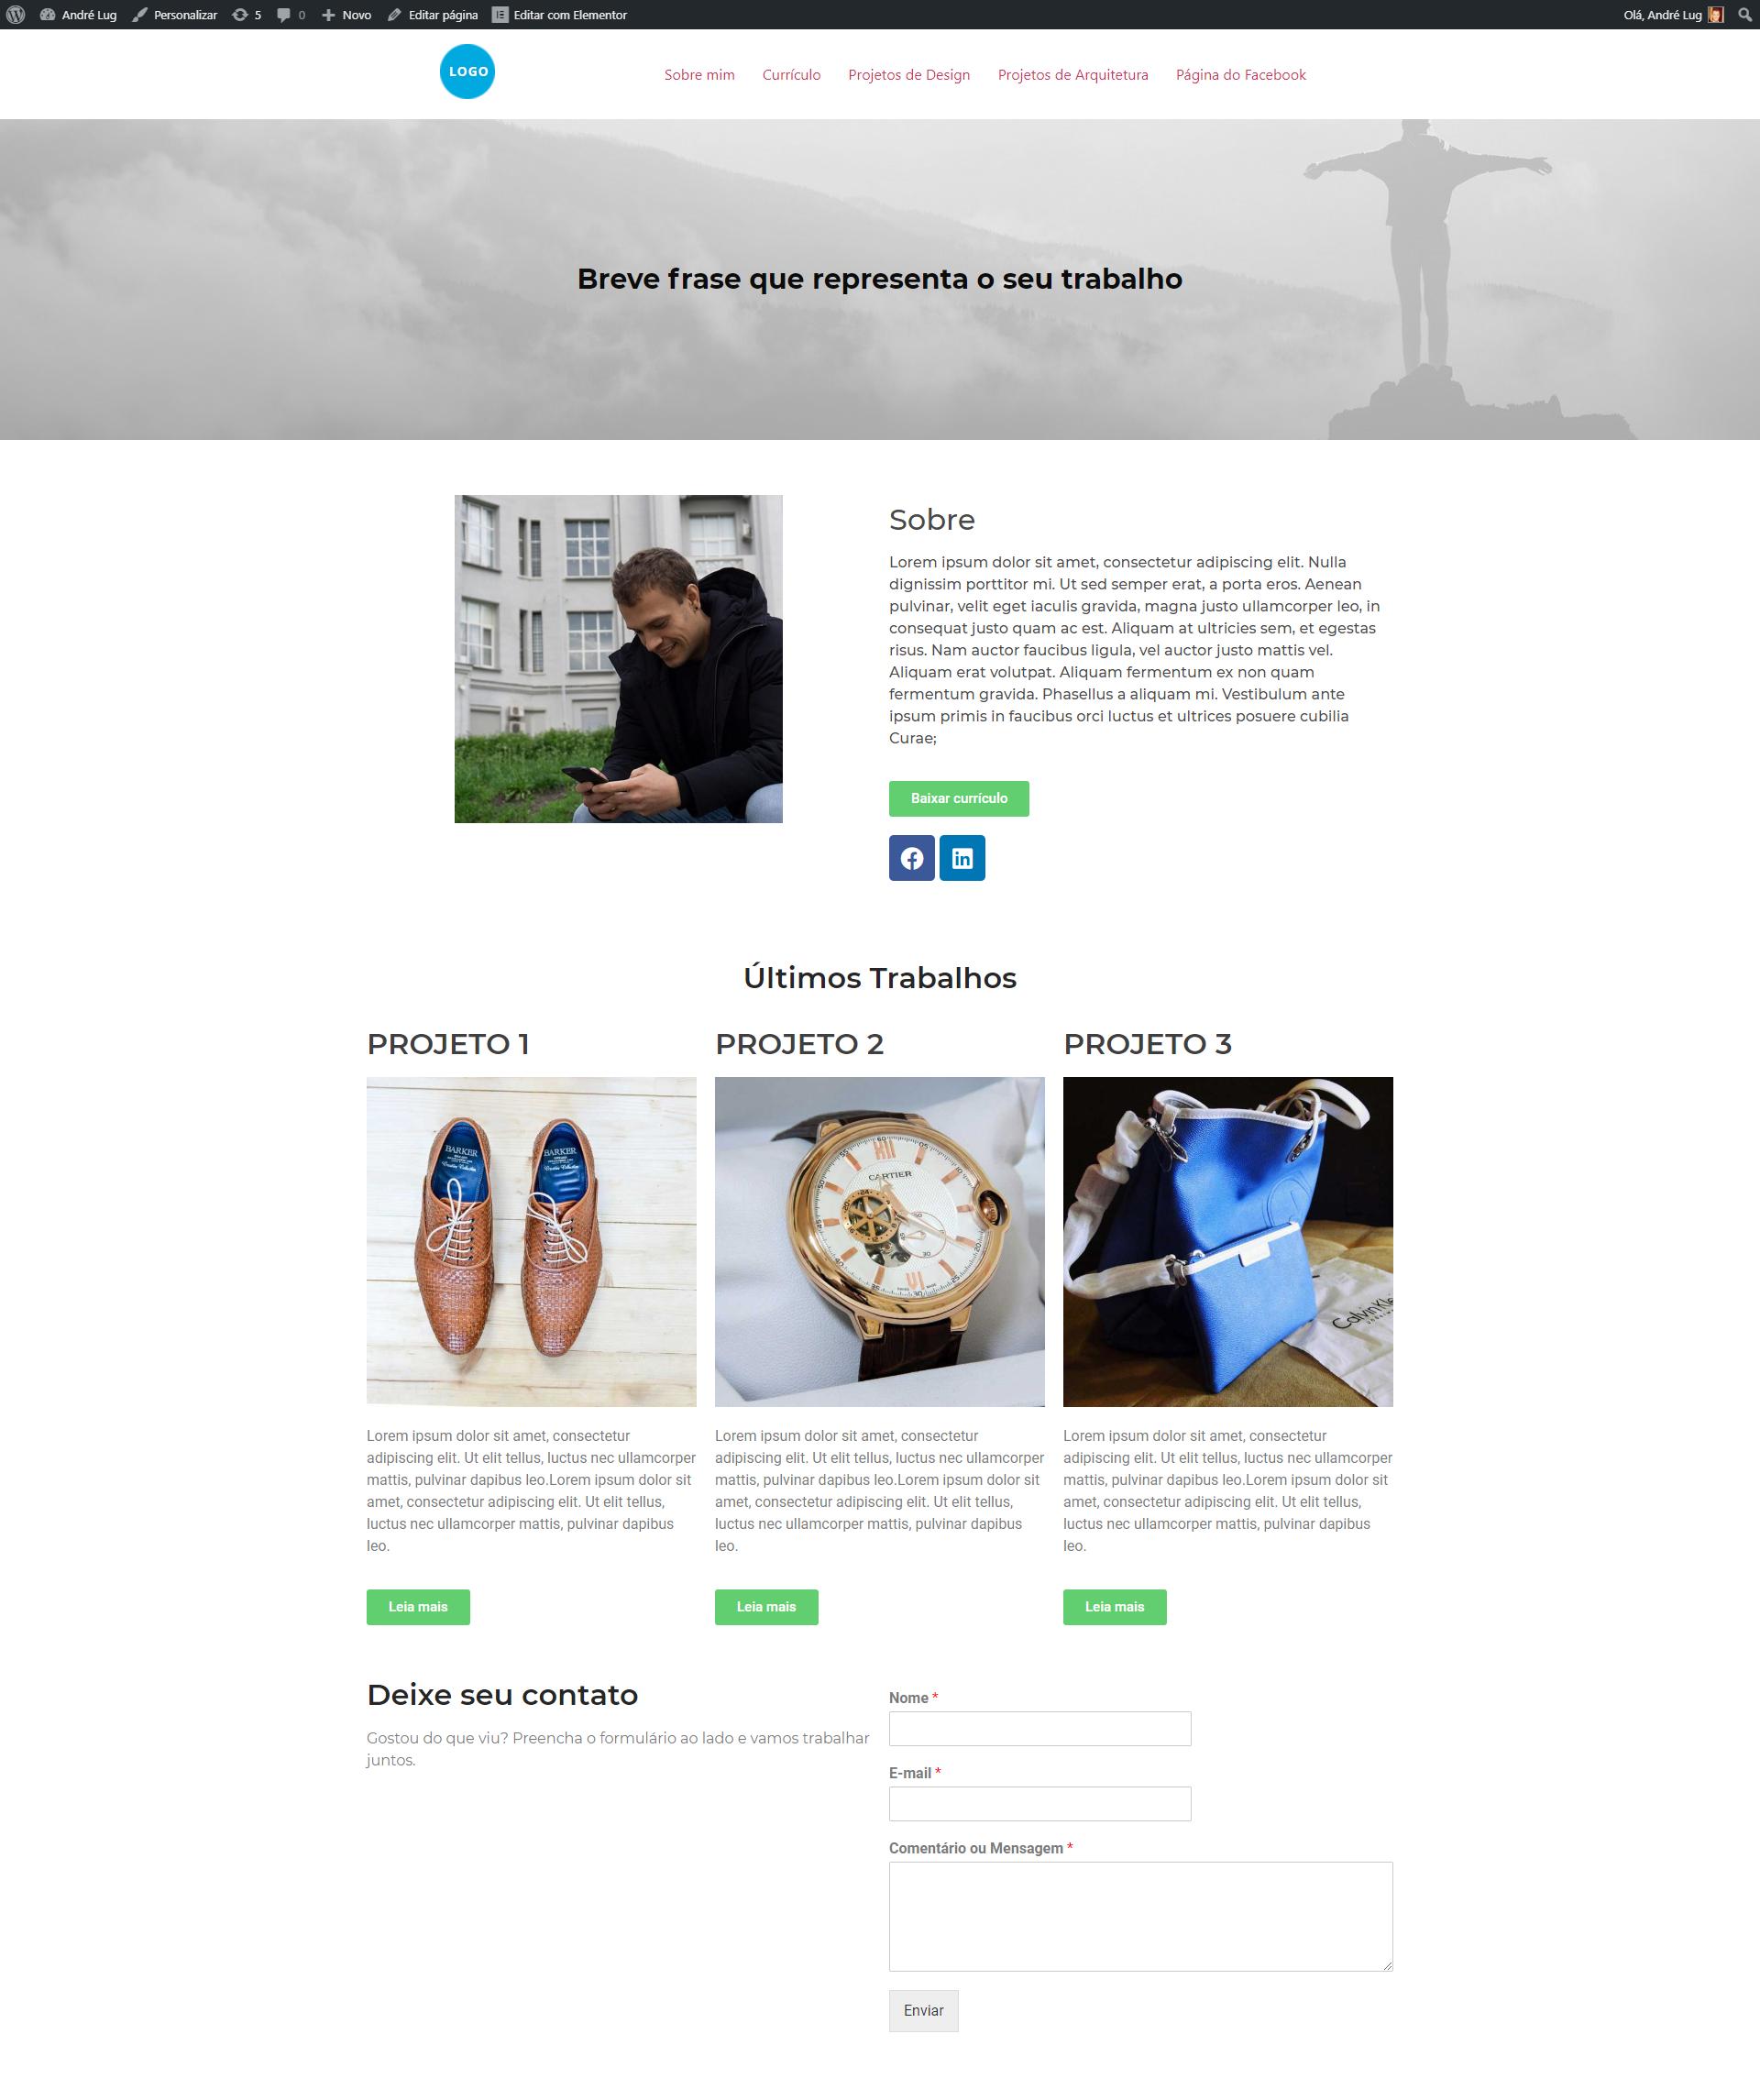 Página completa do portfólio